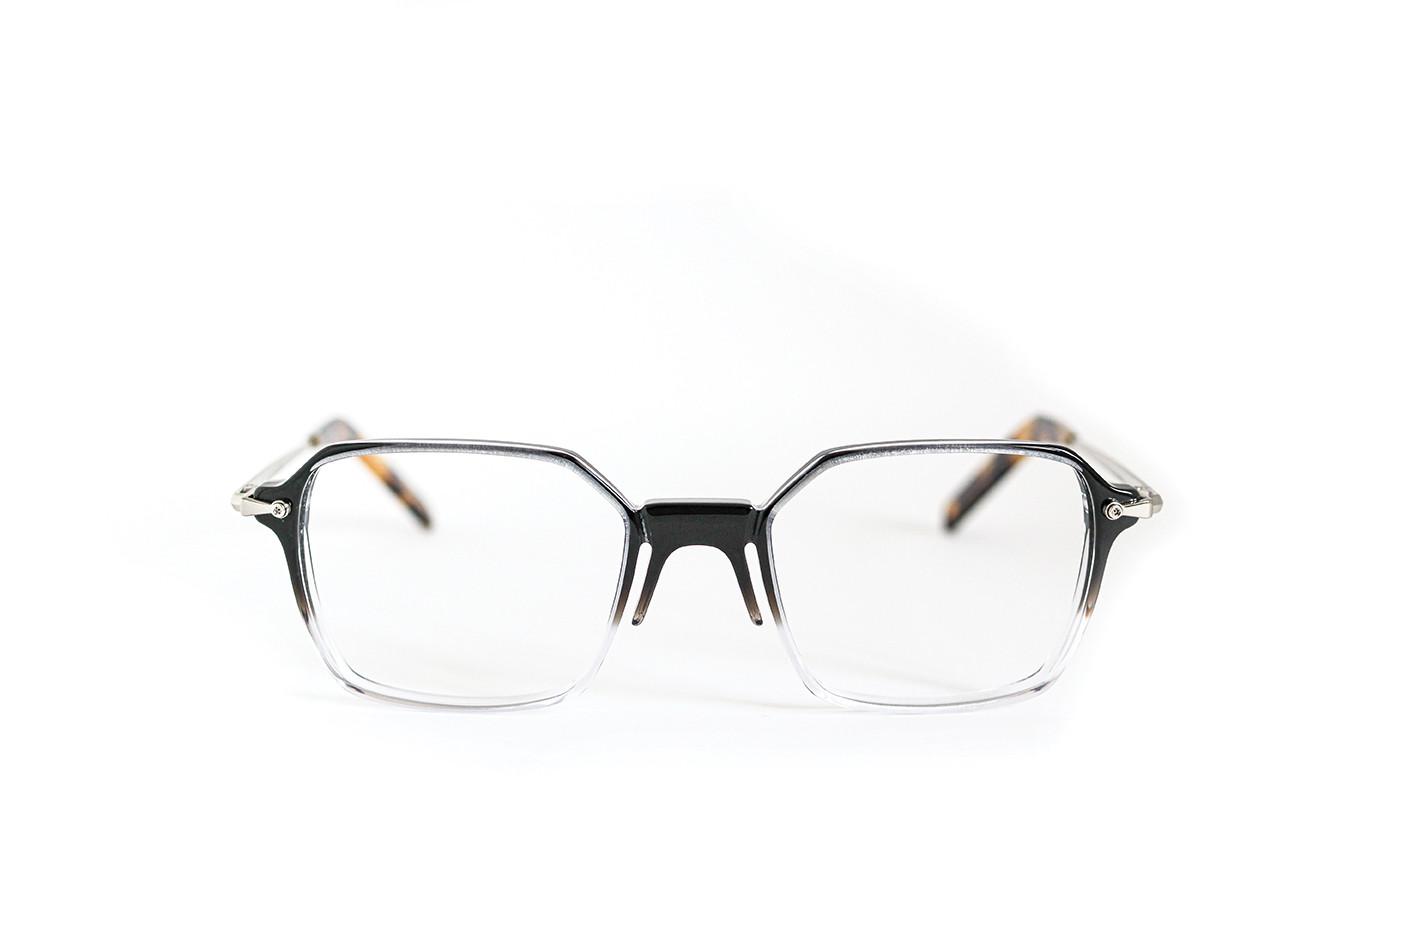 kleys-lunettes-francaises-REGIS-c3-0-rvb